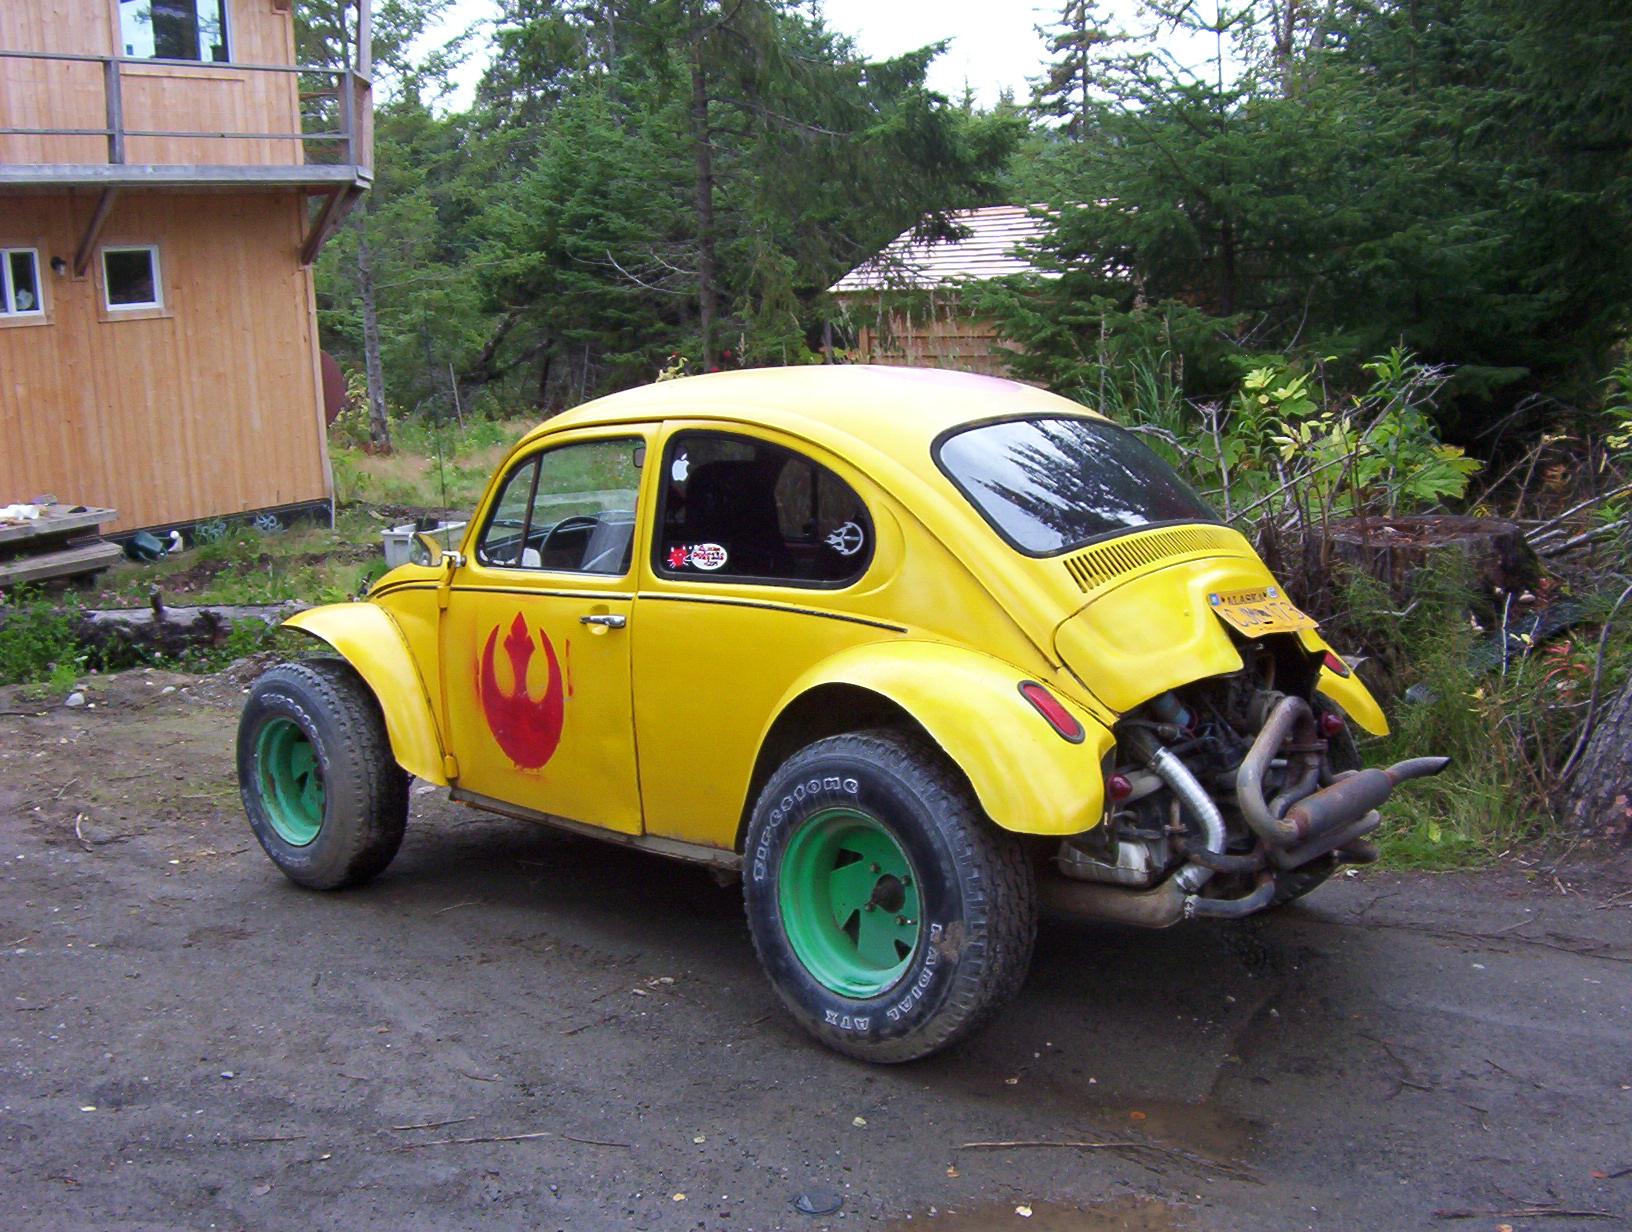 Euro Rental Cars Uk